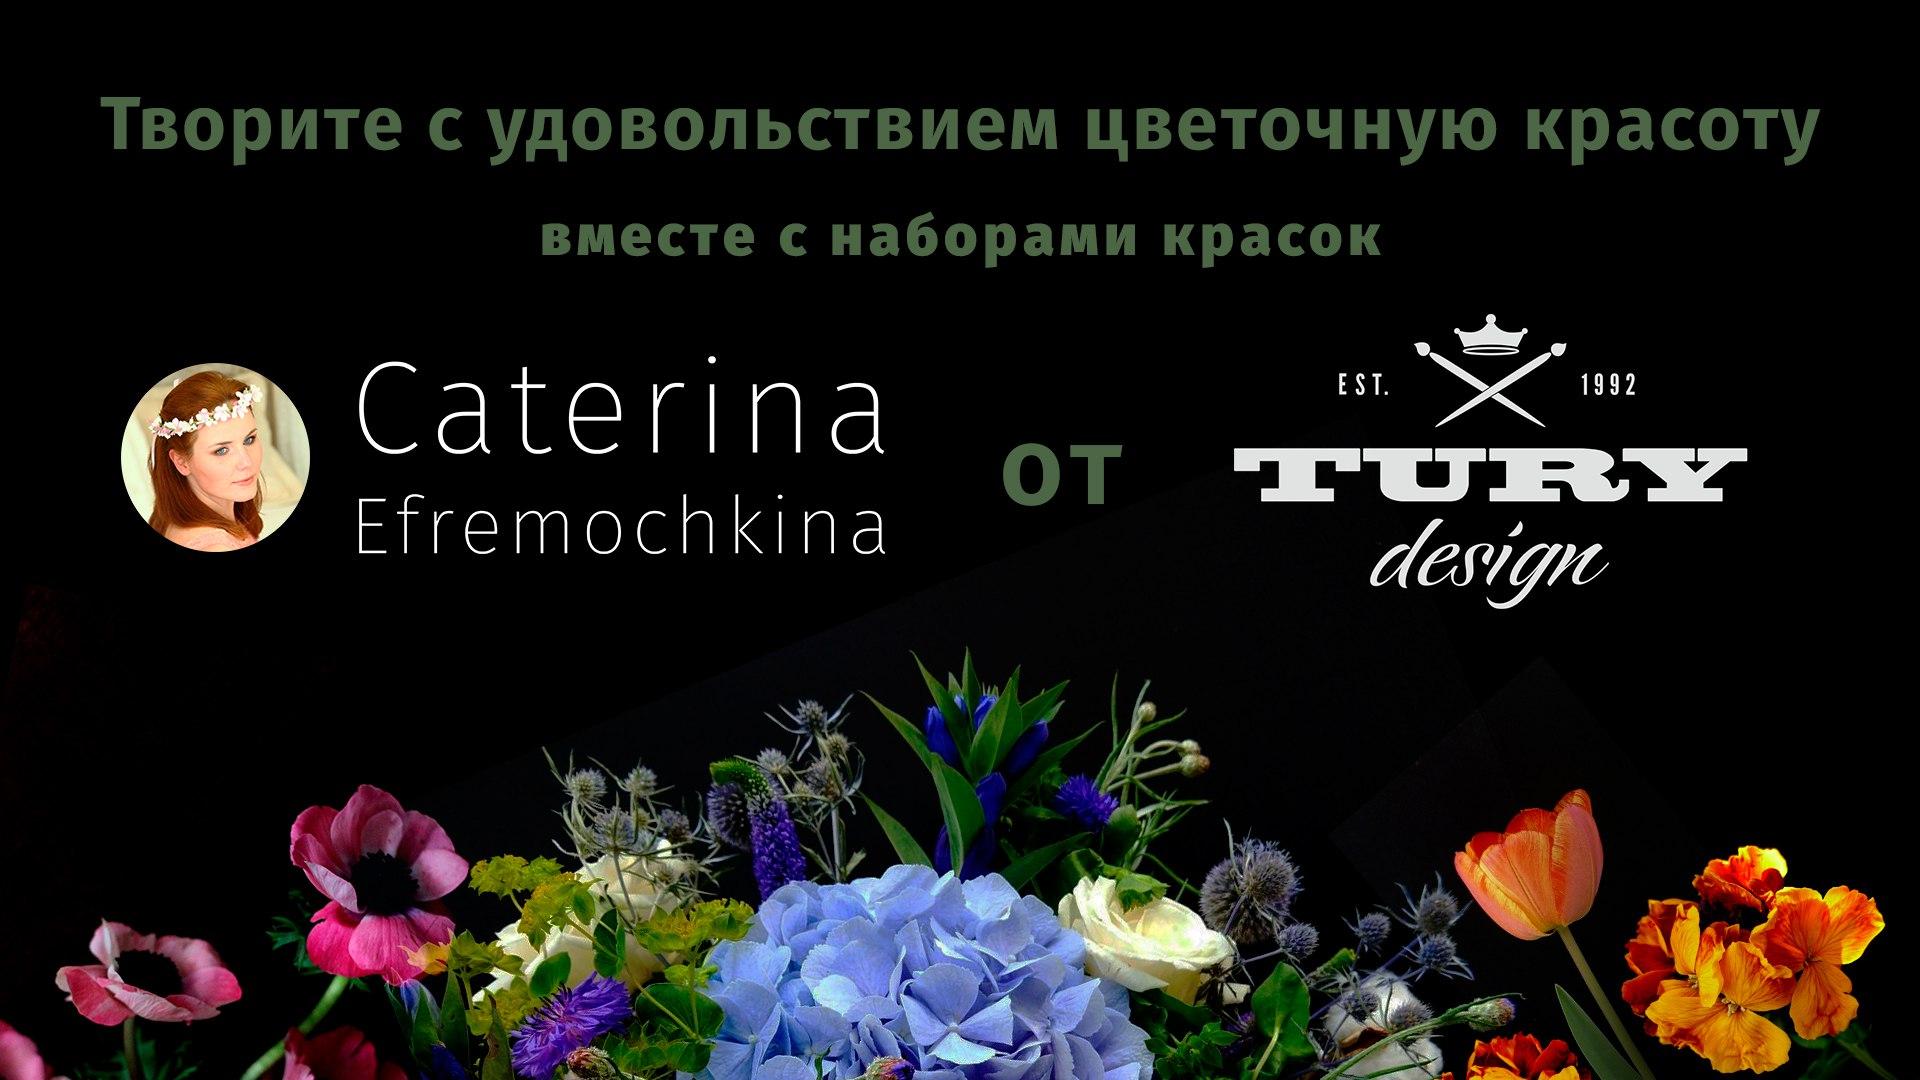 Творите цветочную красоту вместе с наборами красок Caterina Efremochkina от Tury Design